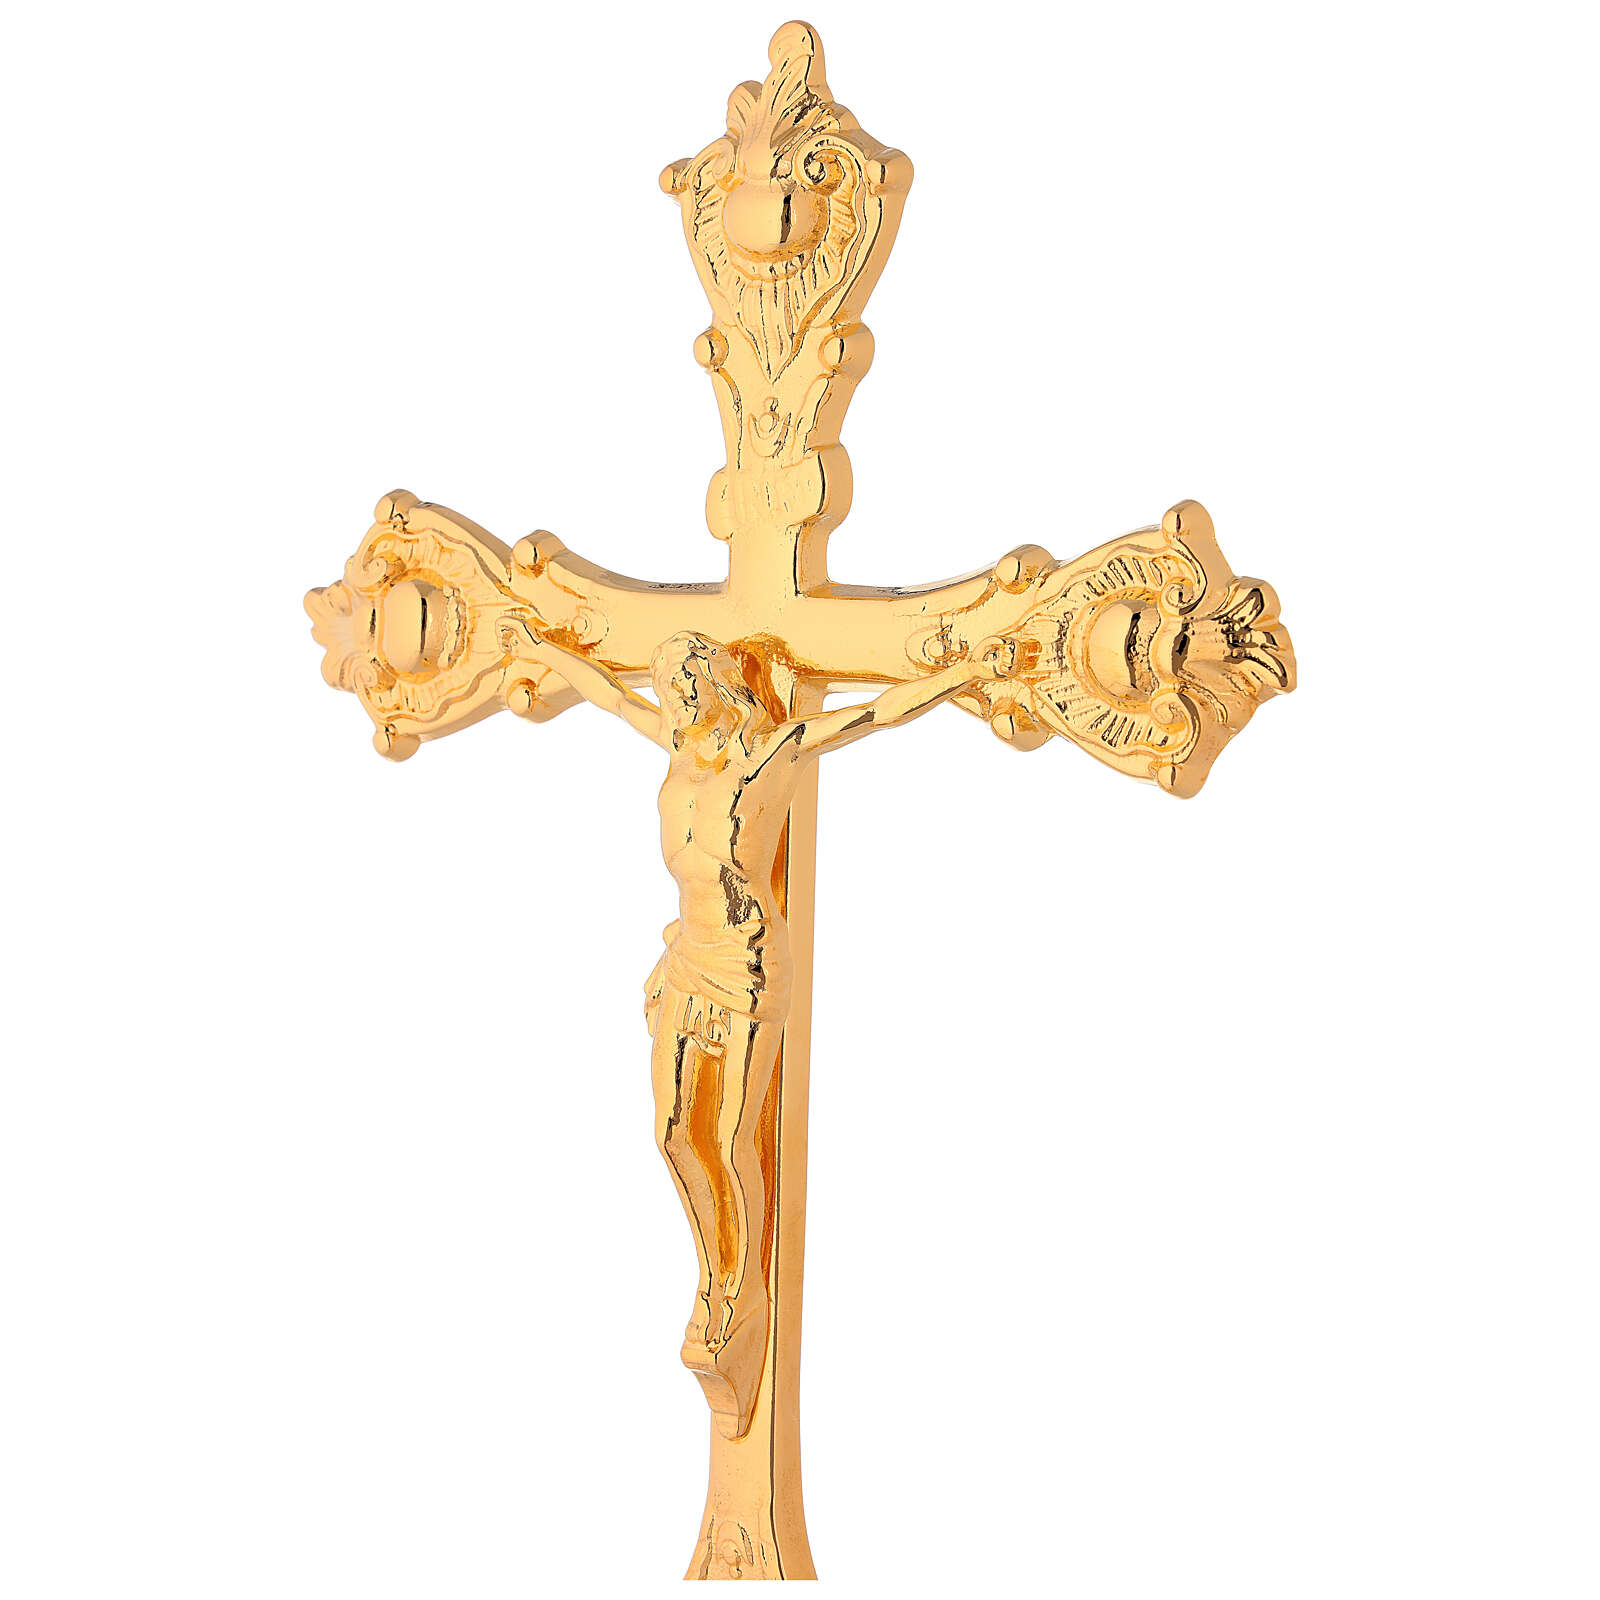 Completo d'altare croce candelieri ottone dorato base liscia 4